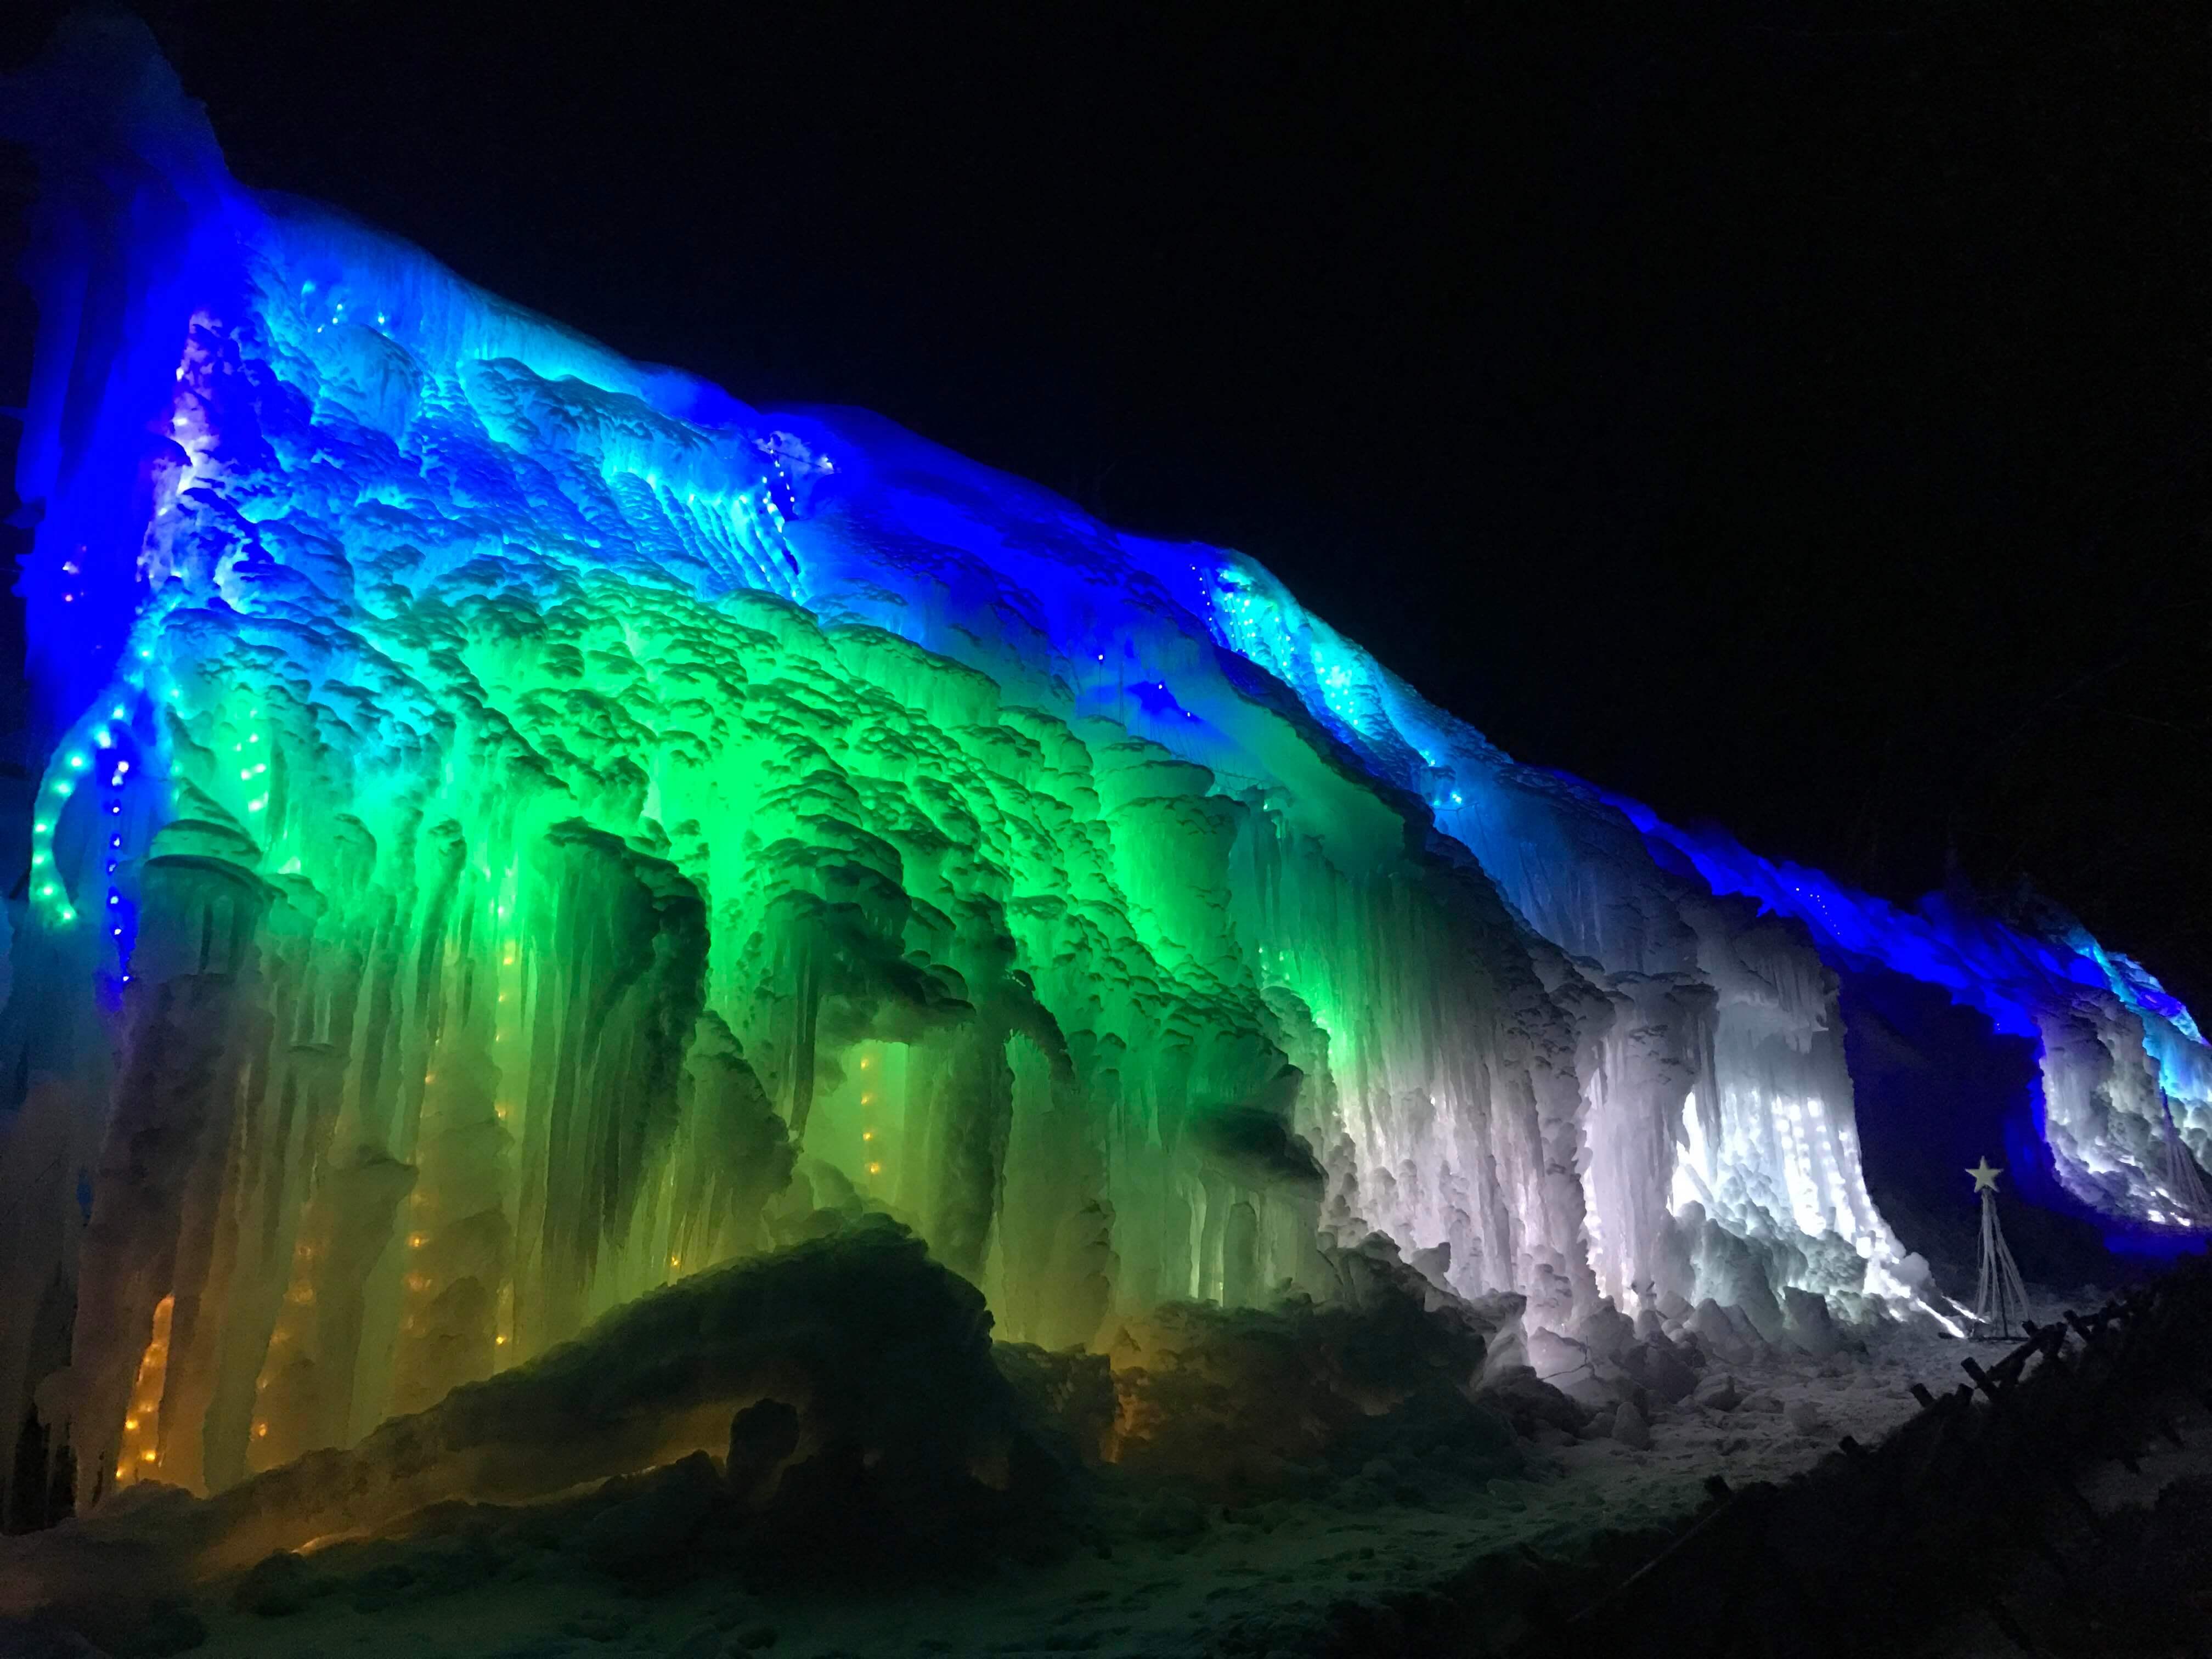 零度以下的天文館「白系冰柱彩燈秀」將於輕井澤舉辦 燈飾、